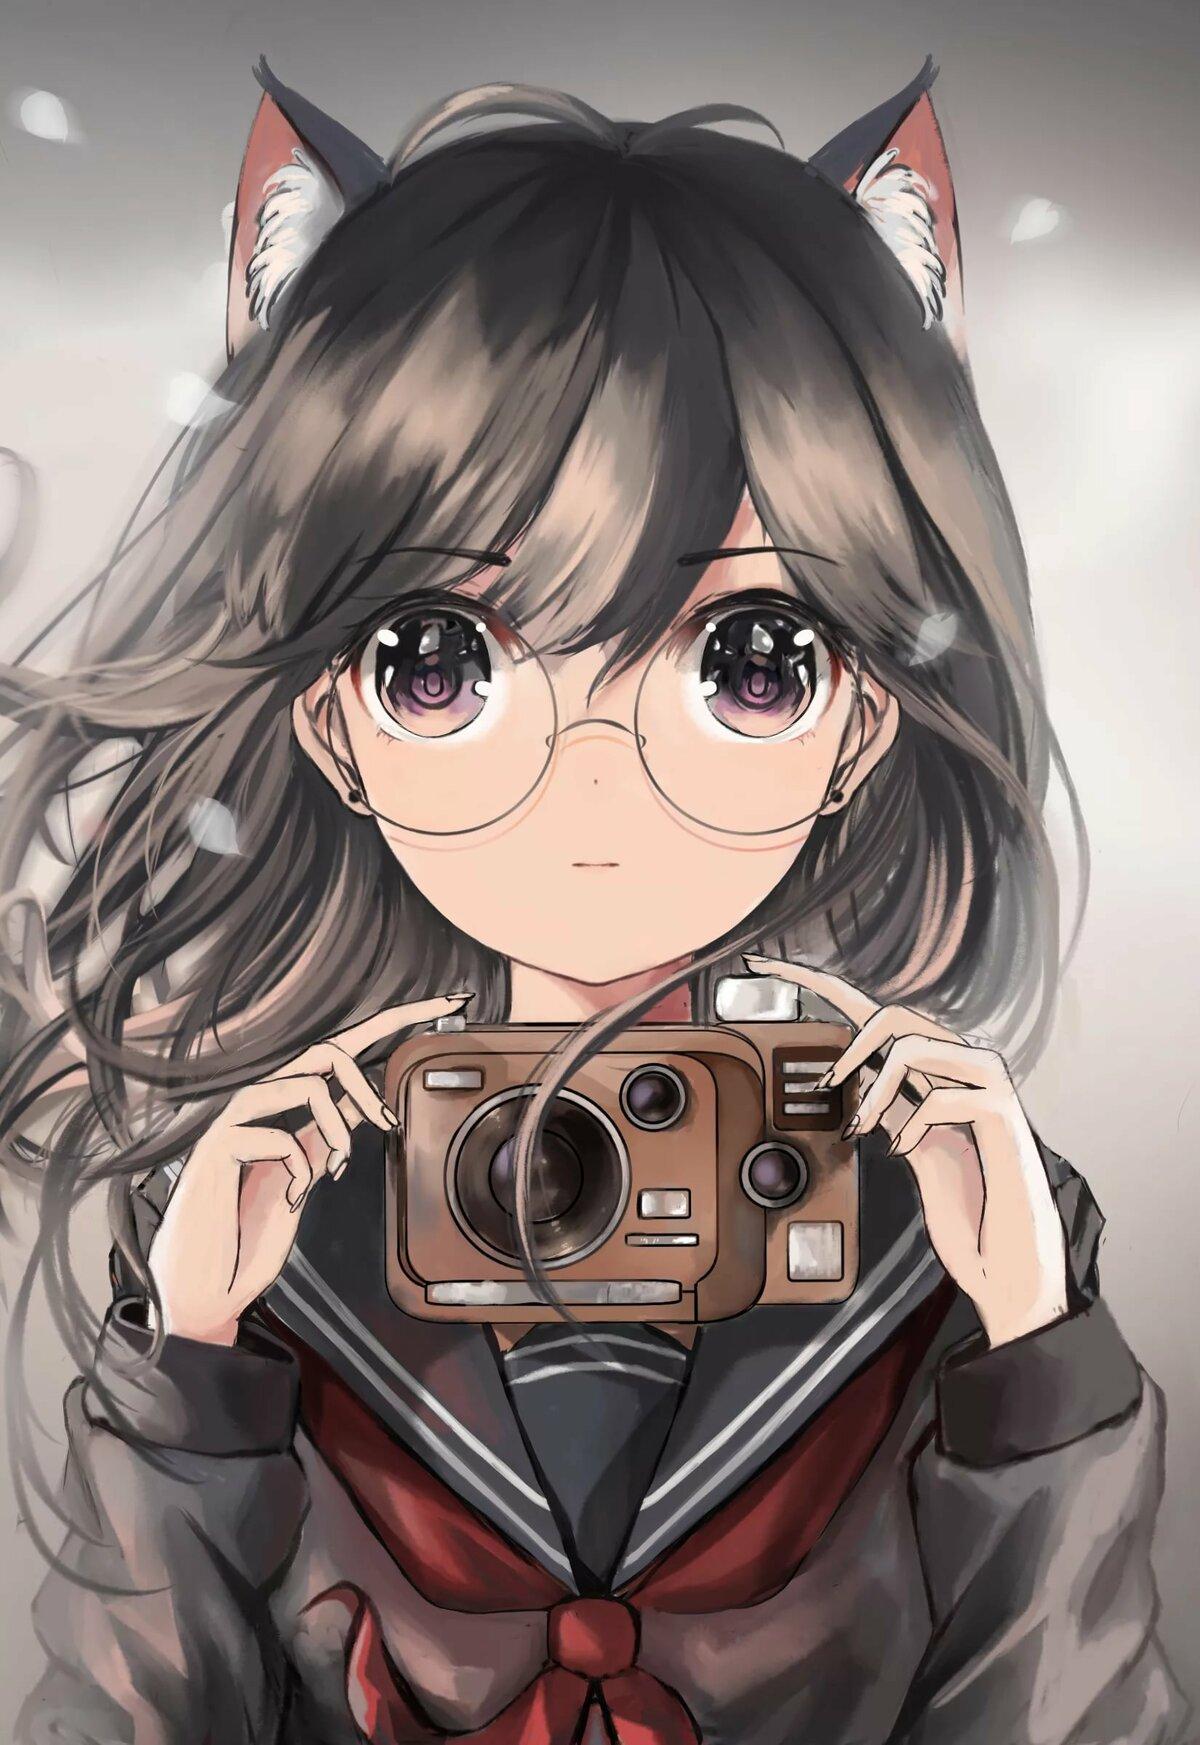 Для, прикольные картинки аниме девочки